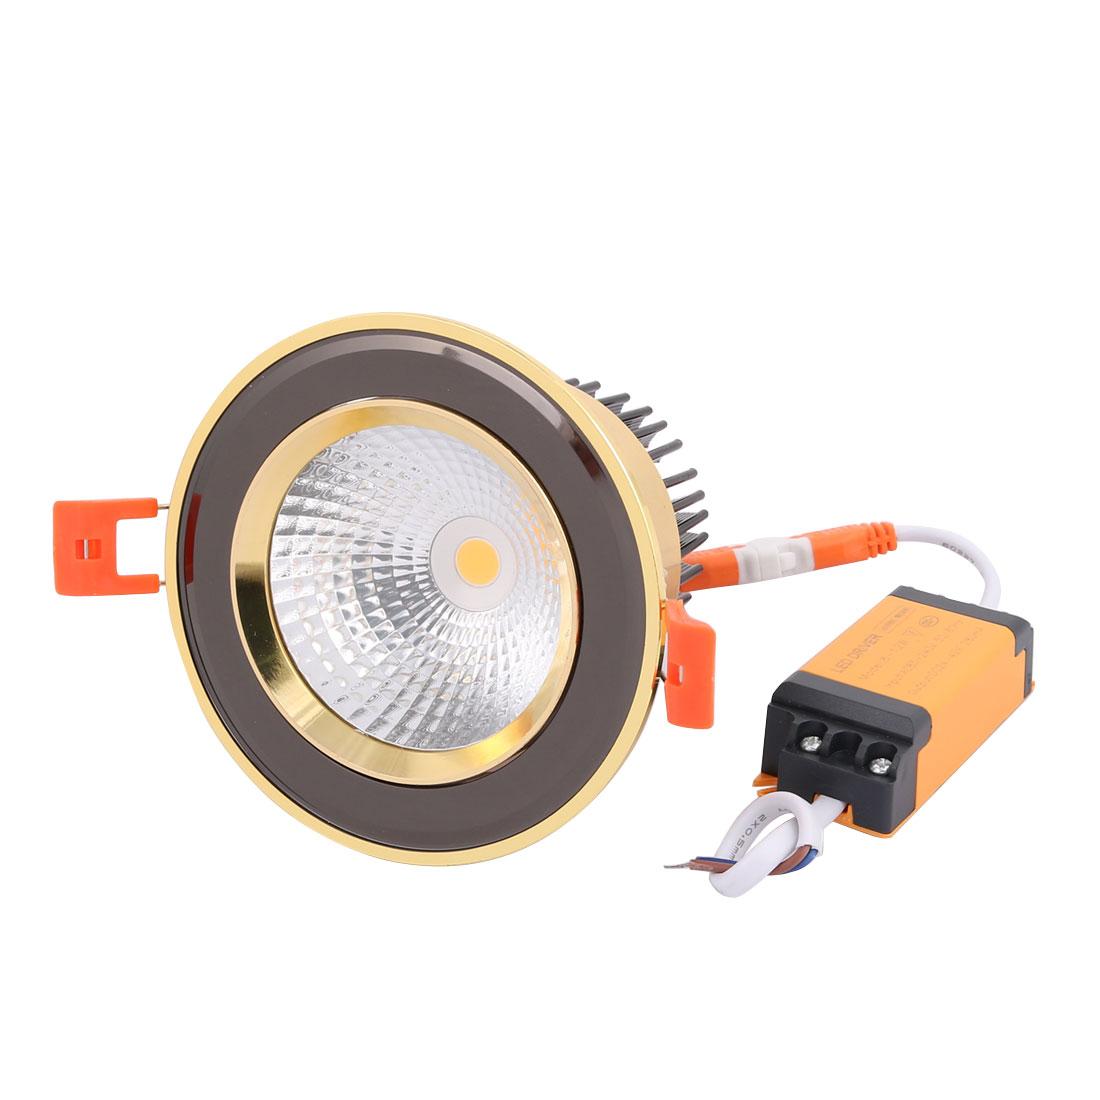 AC85-265V 12W 3000K LED Downlight Spotlight Retrofit Recessed Lighting Fixture